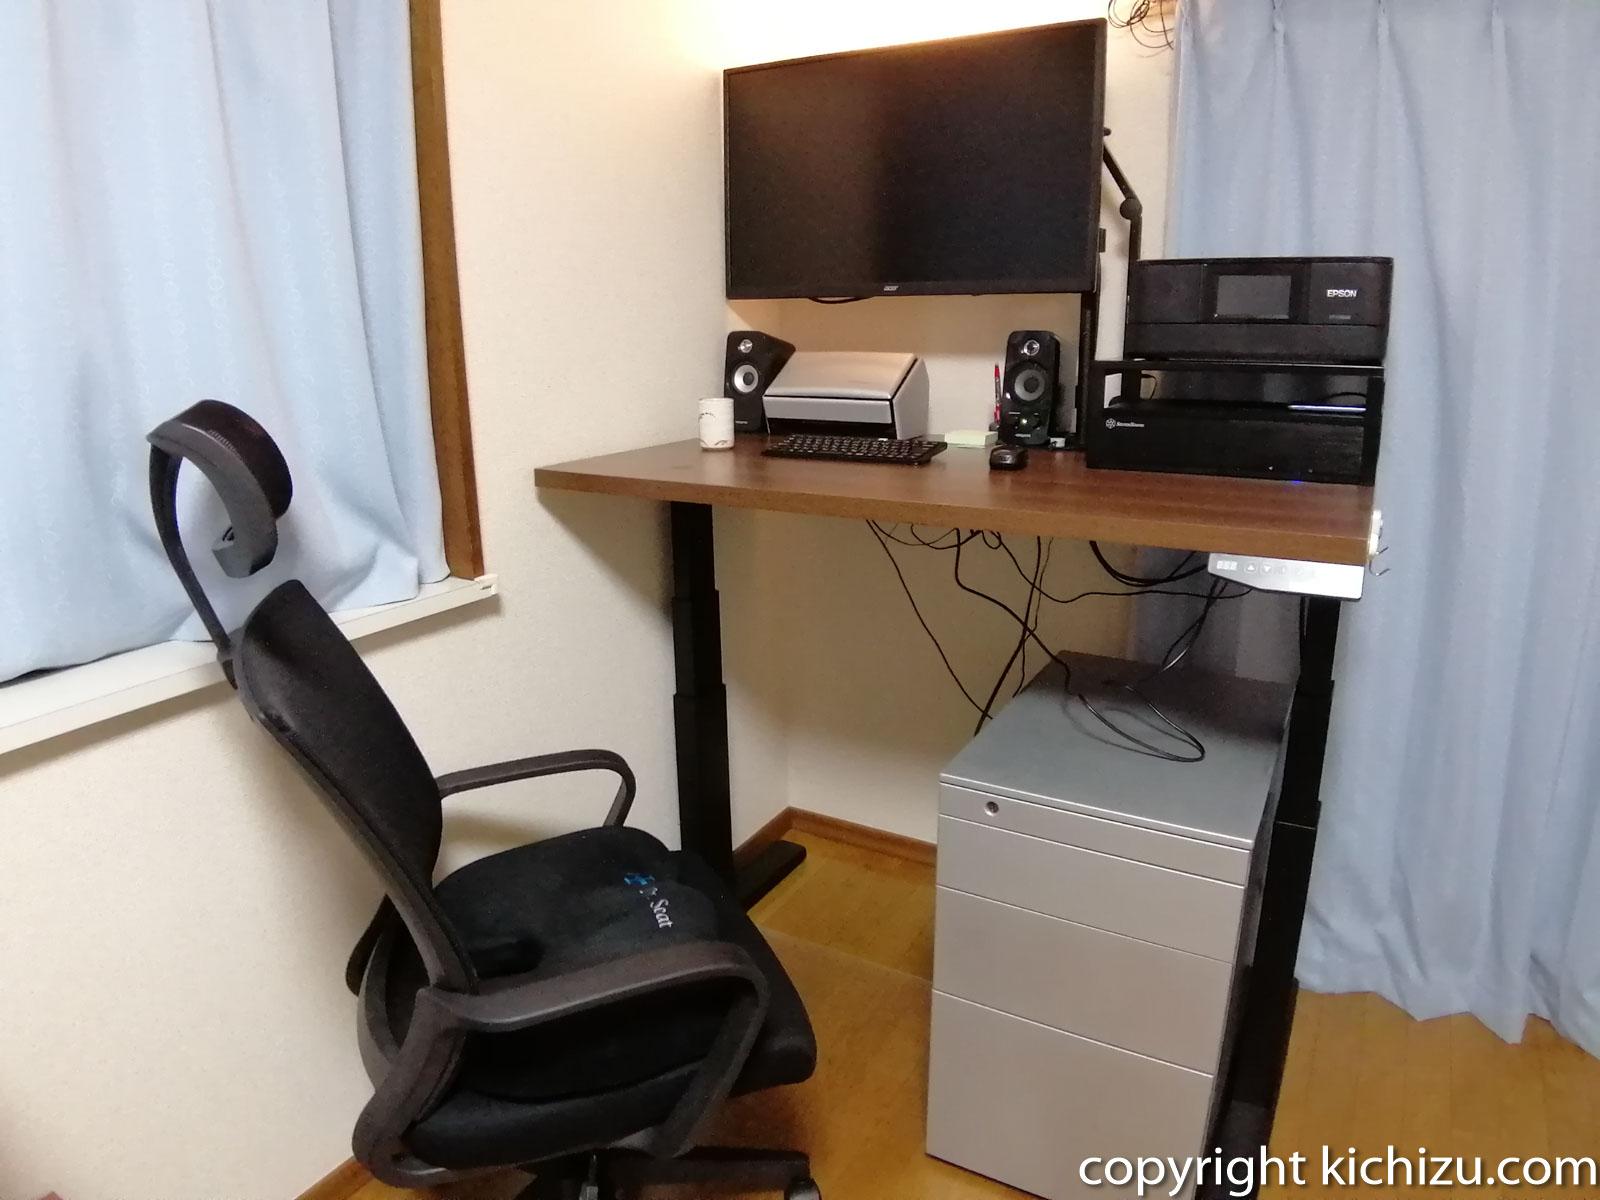 パソコンなどを載せて高くした状態